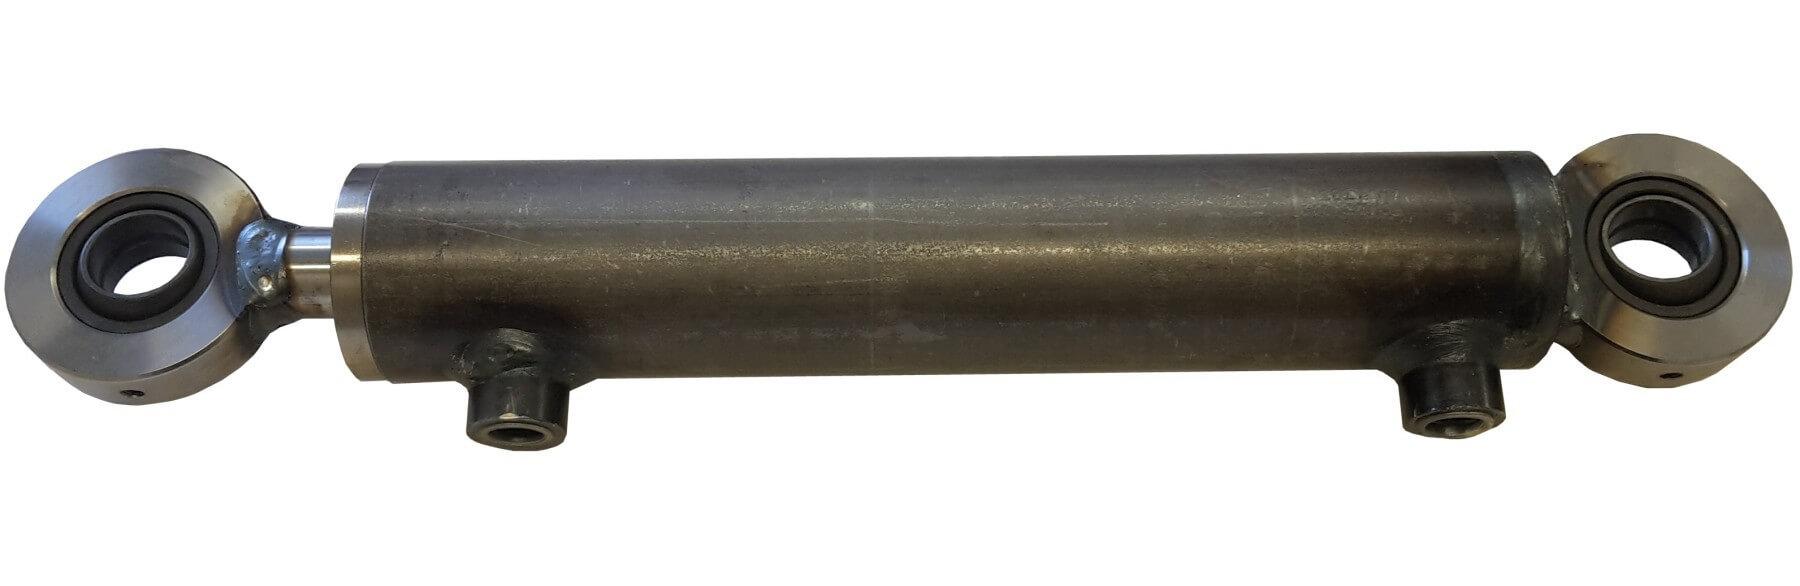 Hydraulisylinteri CL 70. 40. 600 GE - Kailatec Oy Verkkokauppa